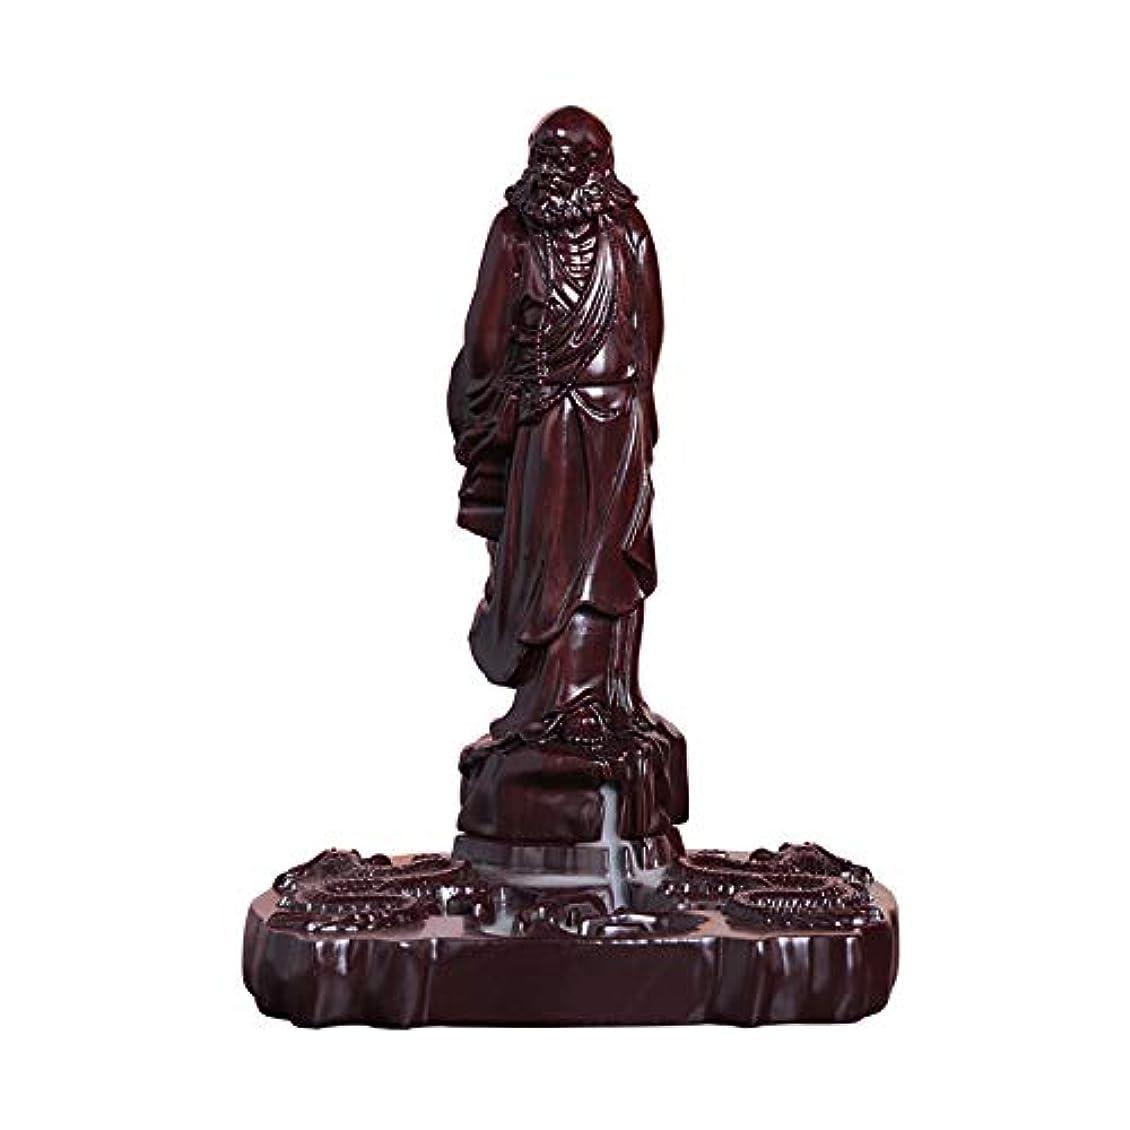 以内に合併必須PHILOGOD マホガニー香炉 ダルマ 菩提 香立て ダルマ 木彫り工芸品逆流香炉 お香 ホルダー 香皿